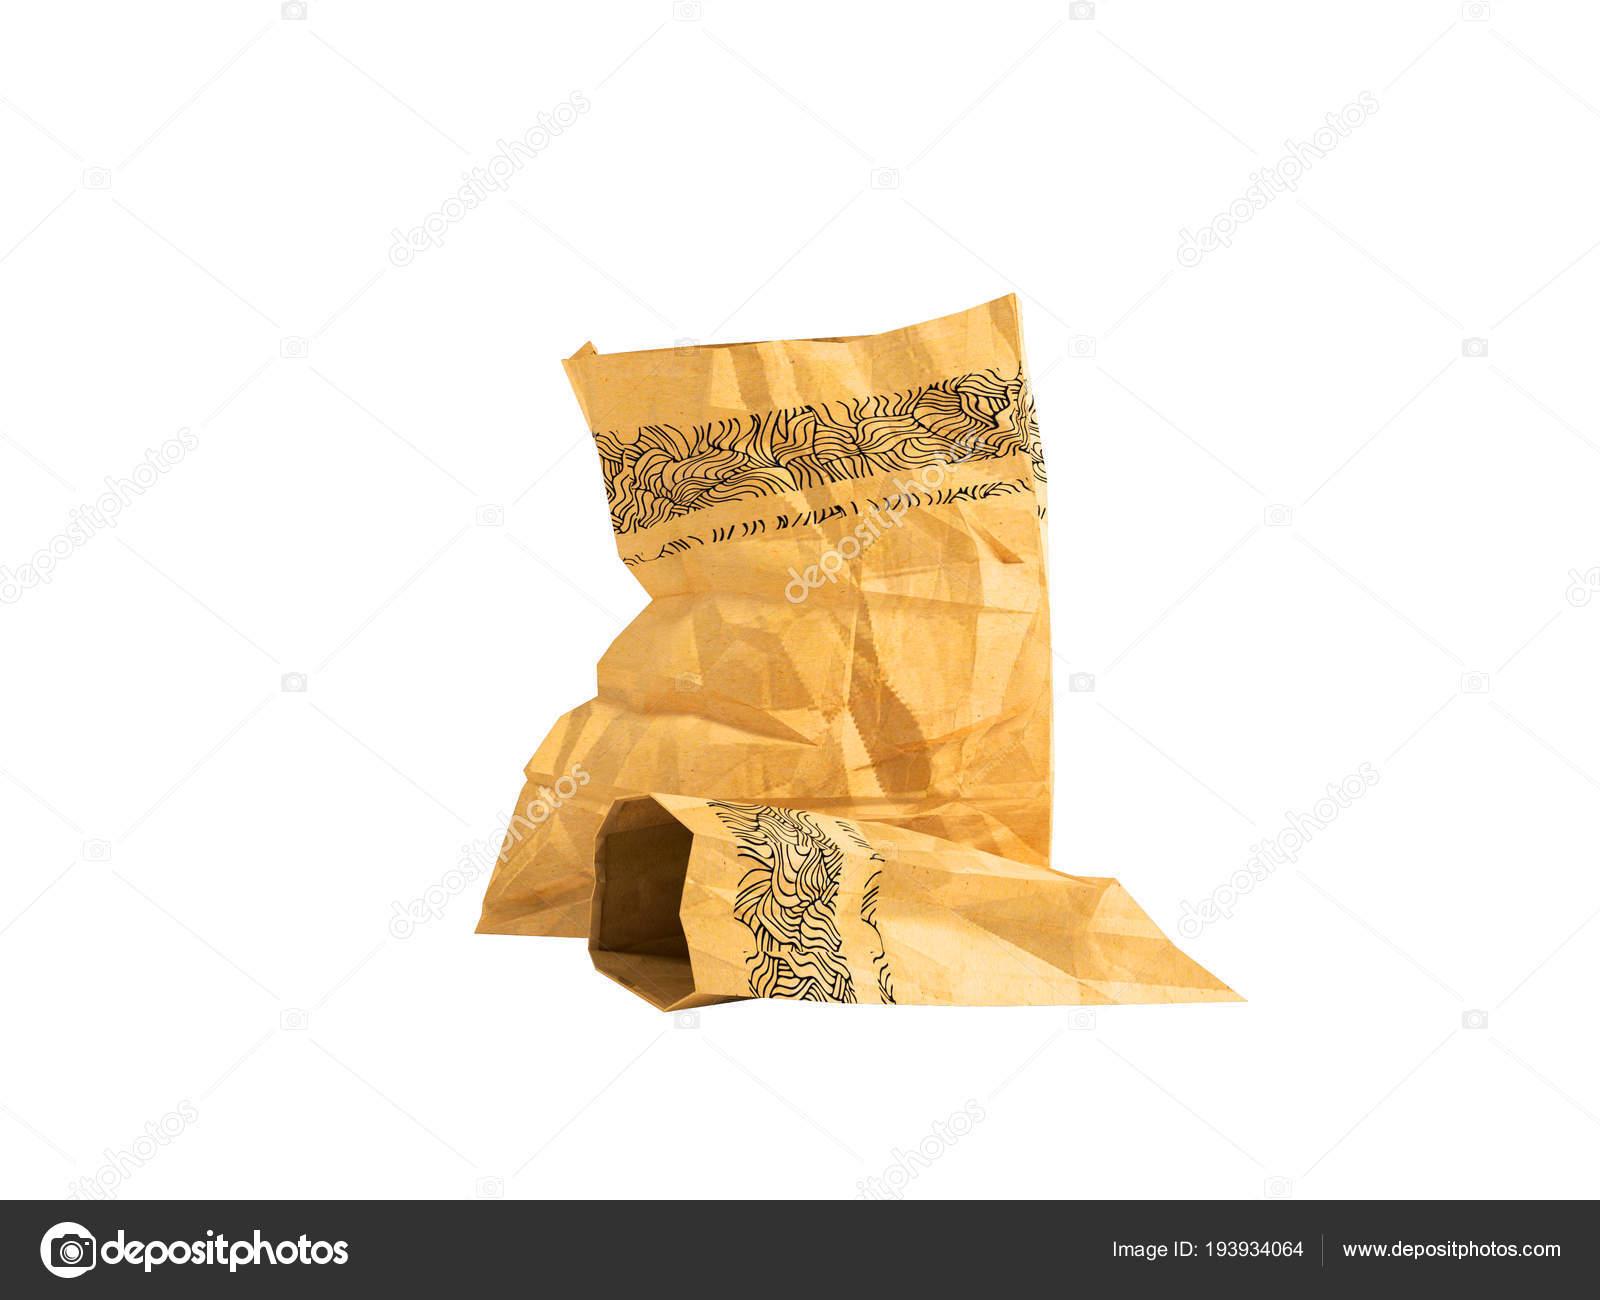 De Papieren Zak : Papieren zak groot en klein om te winkelen in de supermarkt winkel